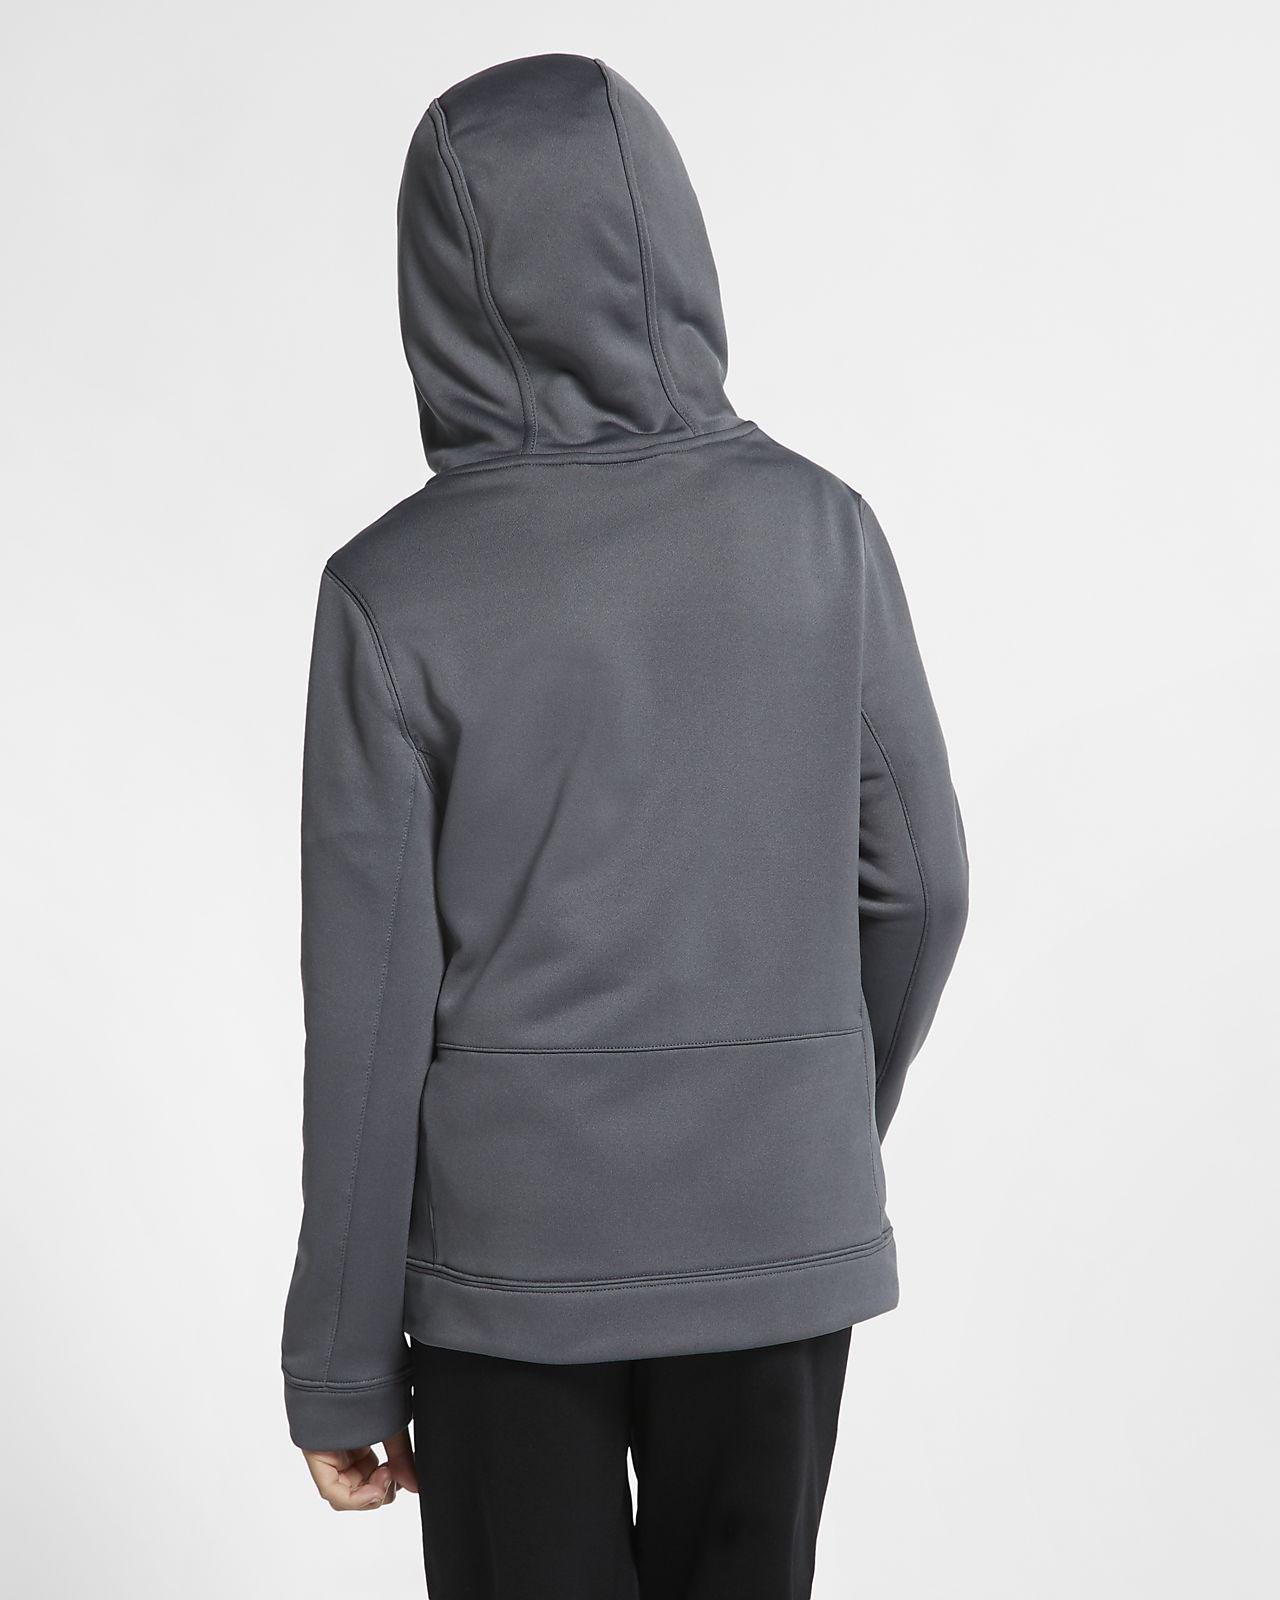 Nike Garçon Survêtement Advance Sportswear 15 Âgébe Plus Pour Xtuwkzopi OwXTkiZulP